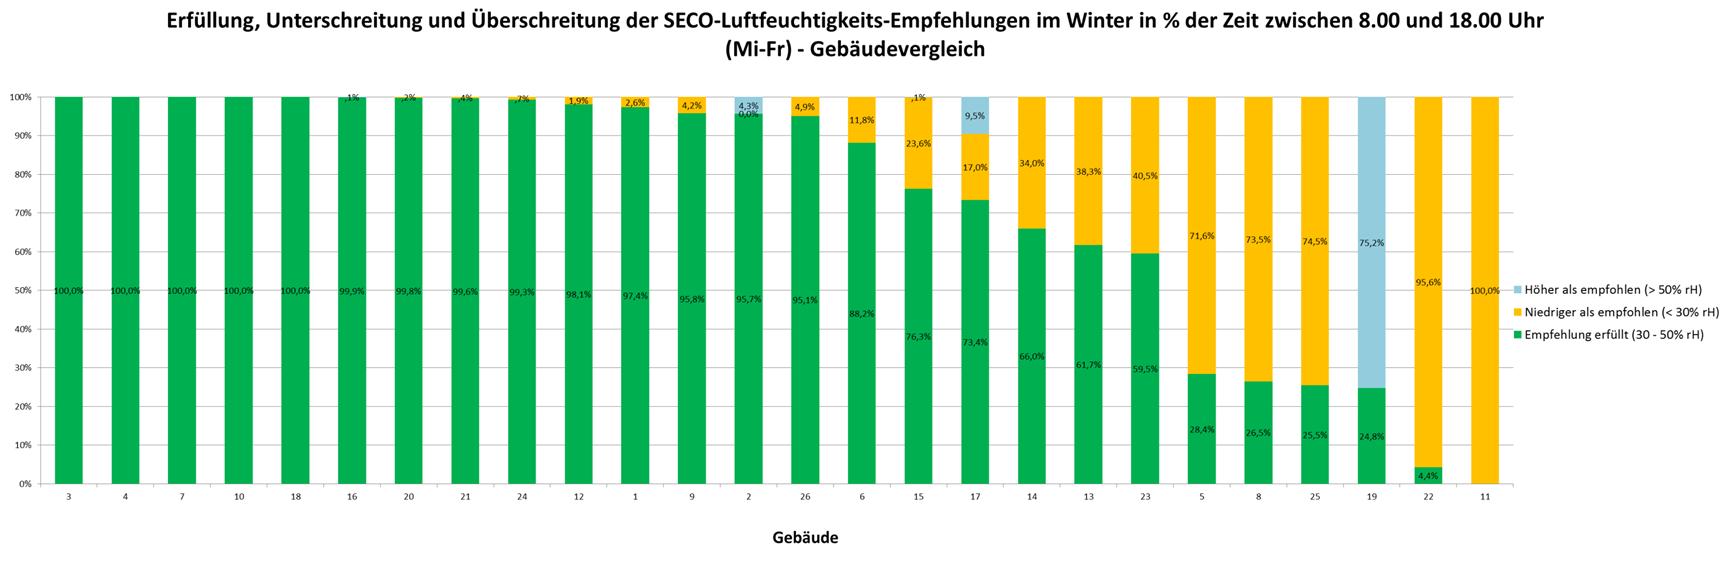 Zusammenfassung der Forschungsergebnisse   nachhaltigebueros.ch